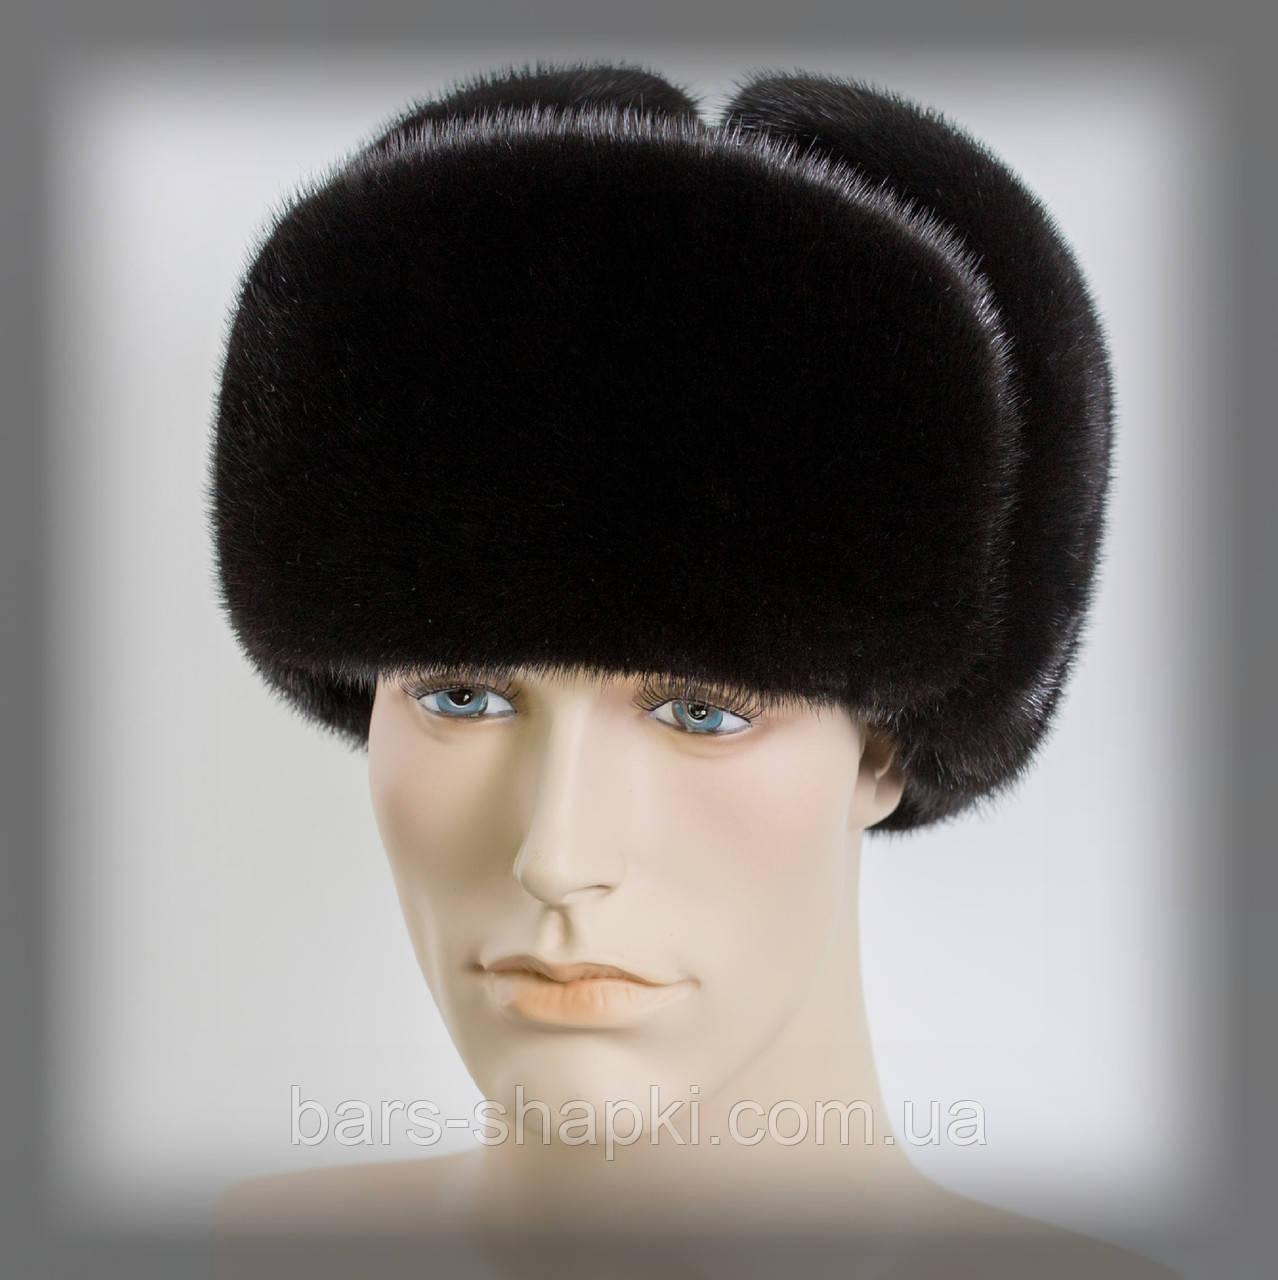 Мужская шапка ушанка из норки на замше (черная)оптом